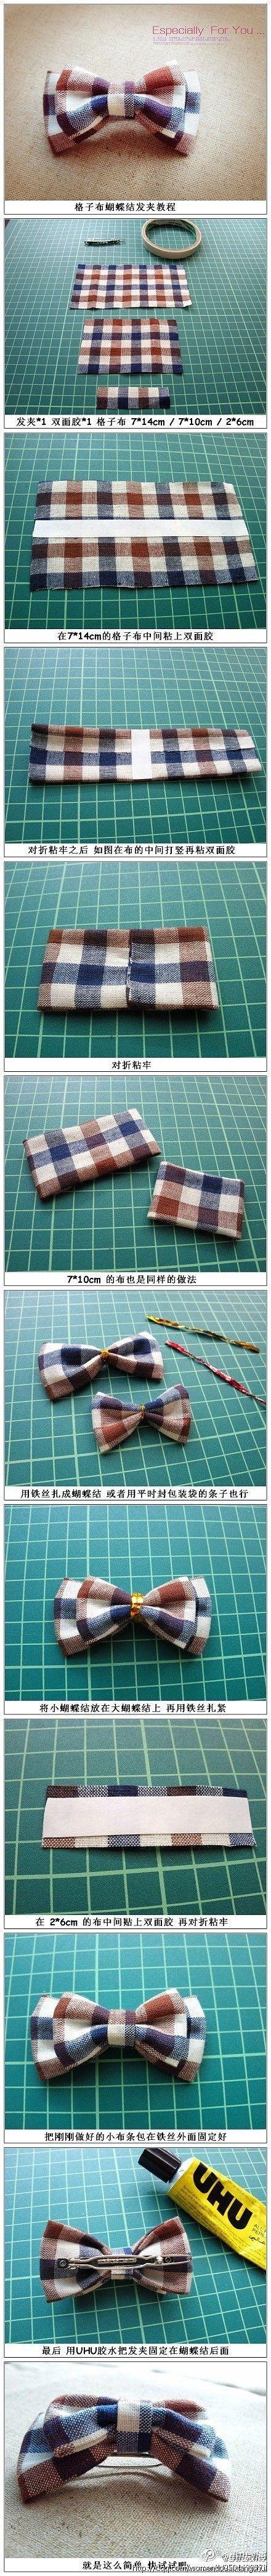 DIY hair bow